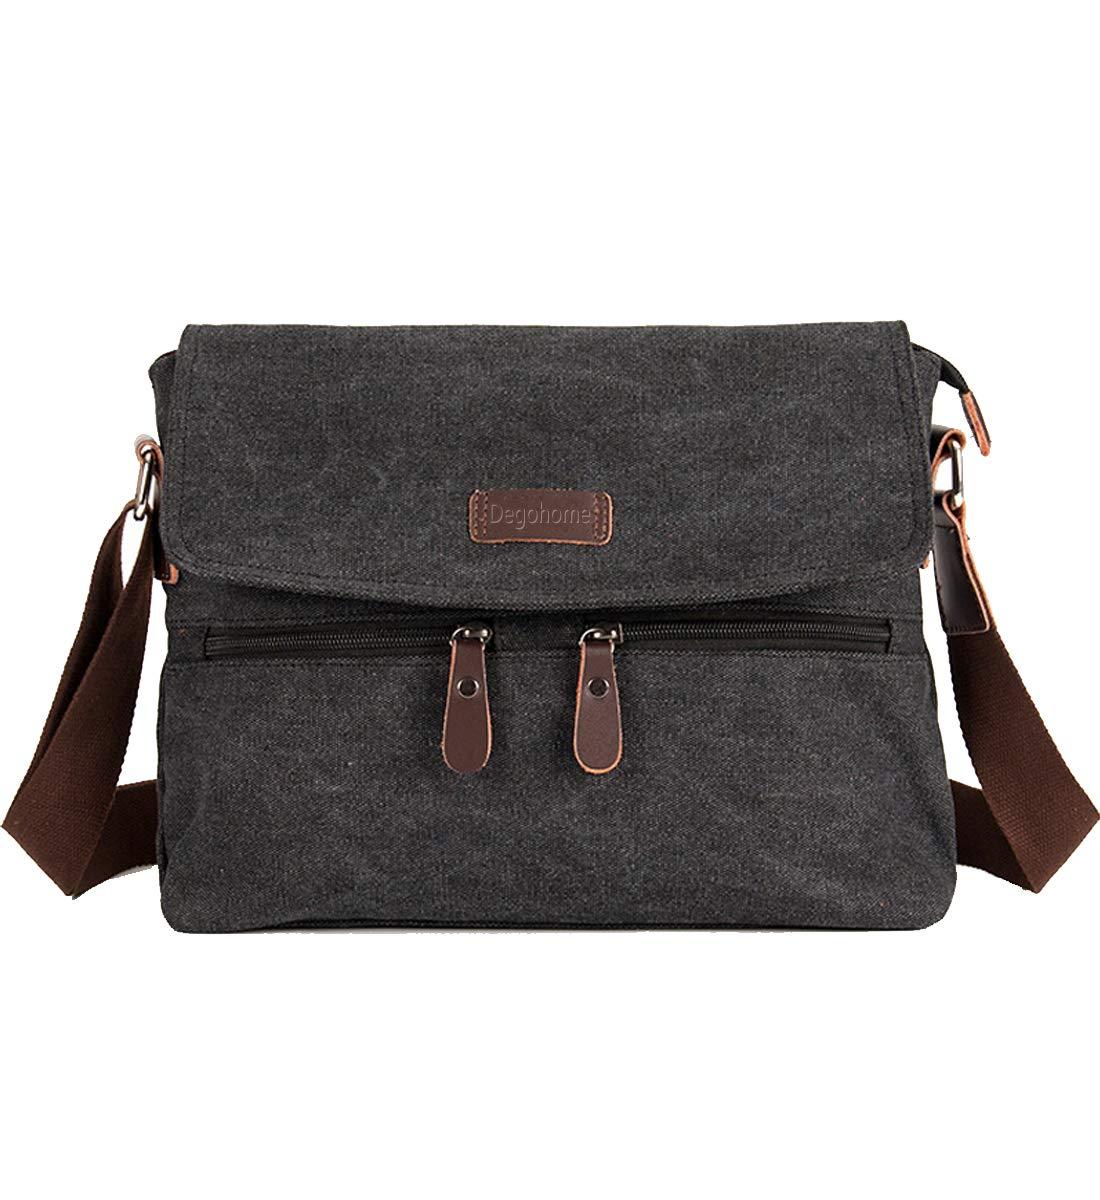 Degohome Canvas Satchel Bag Shoulder Bag Crossbody Sling Bag for Men and Women (black)